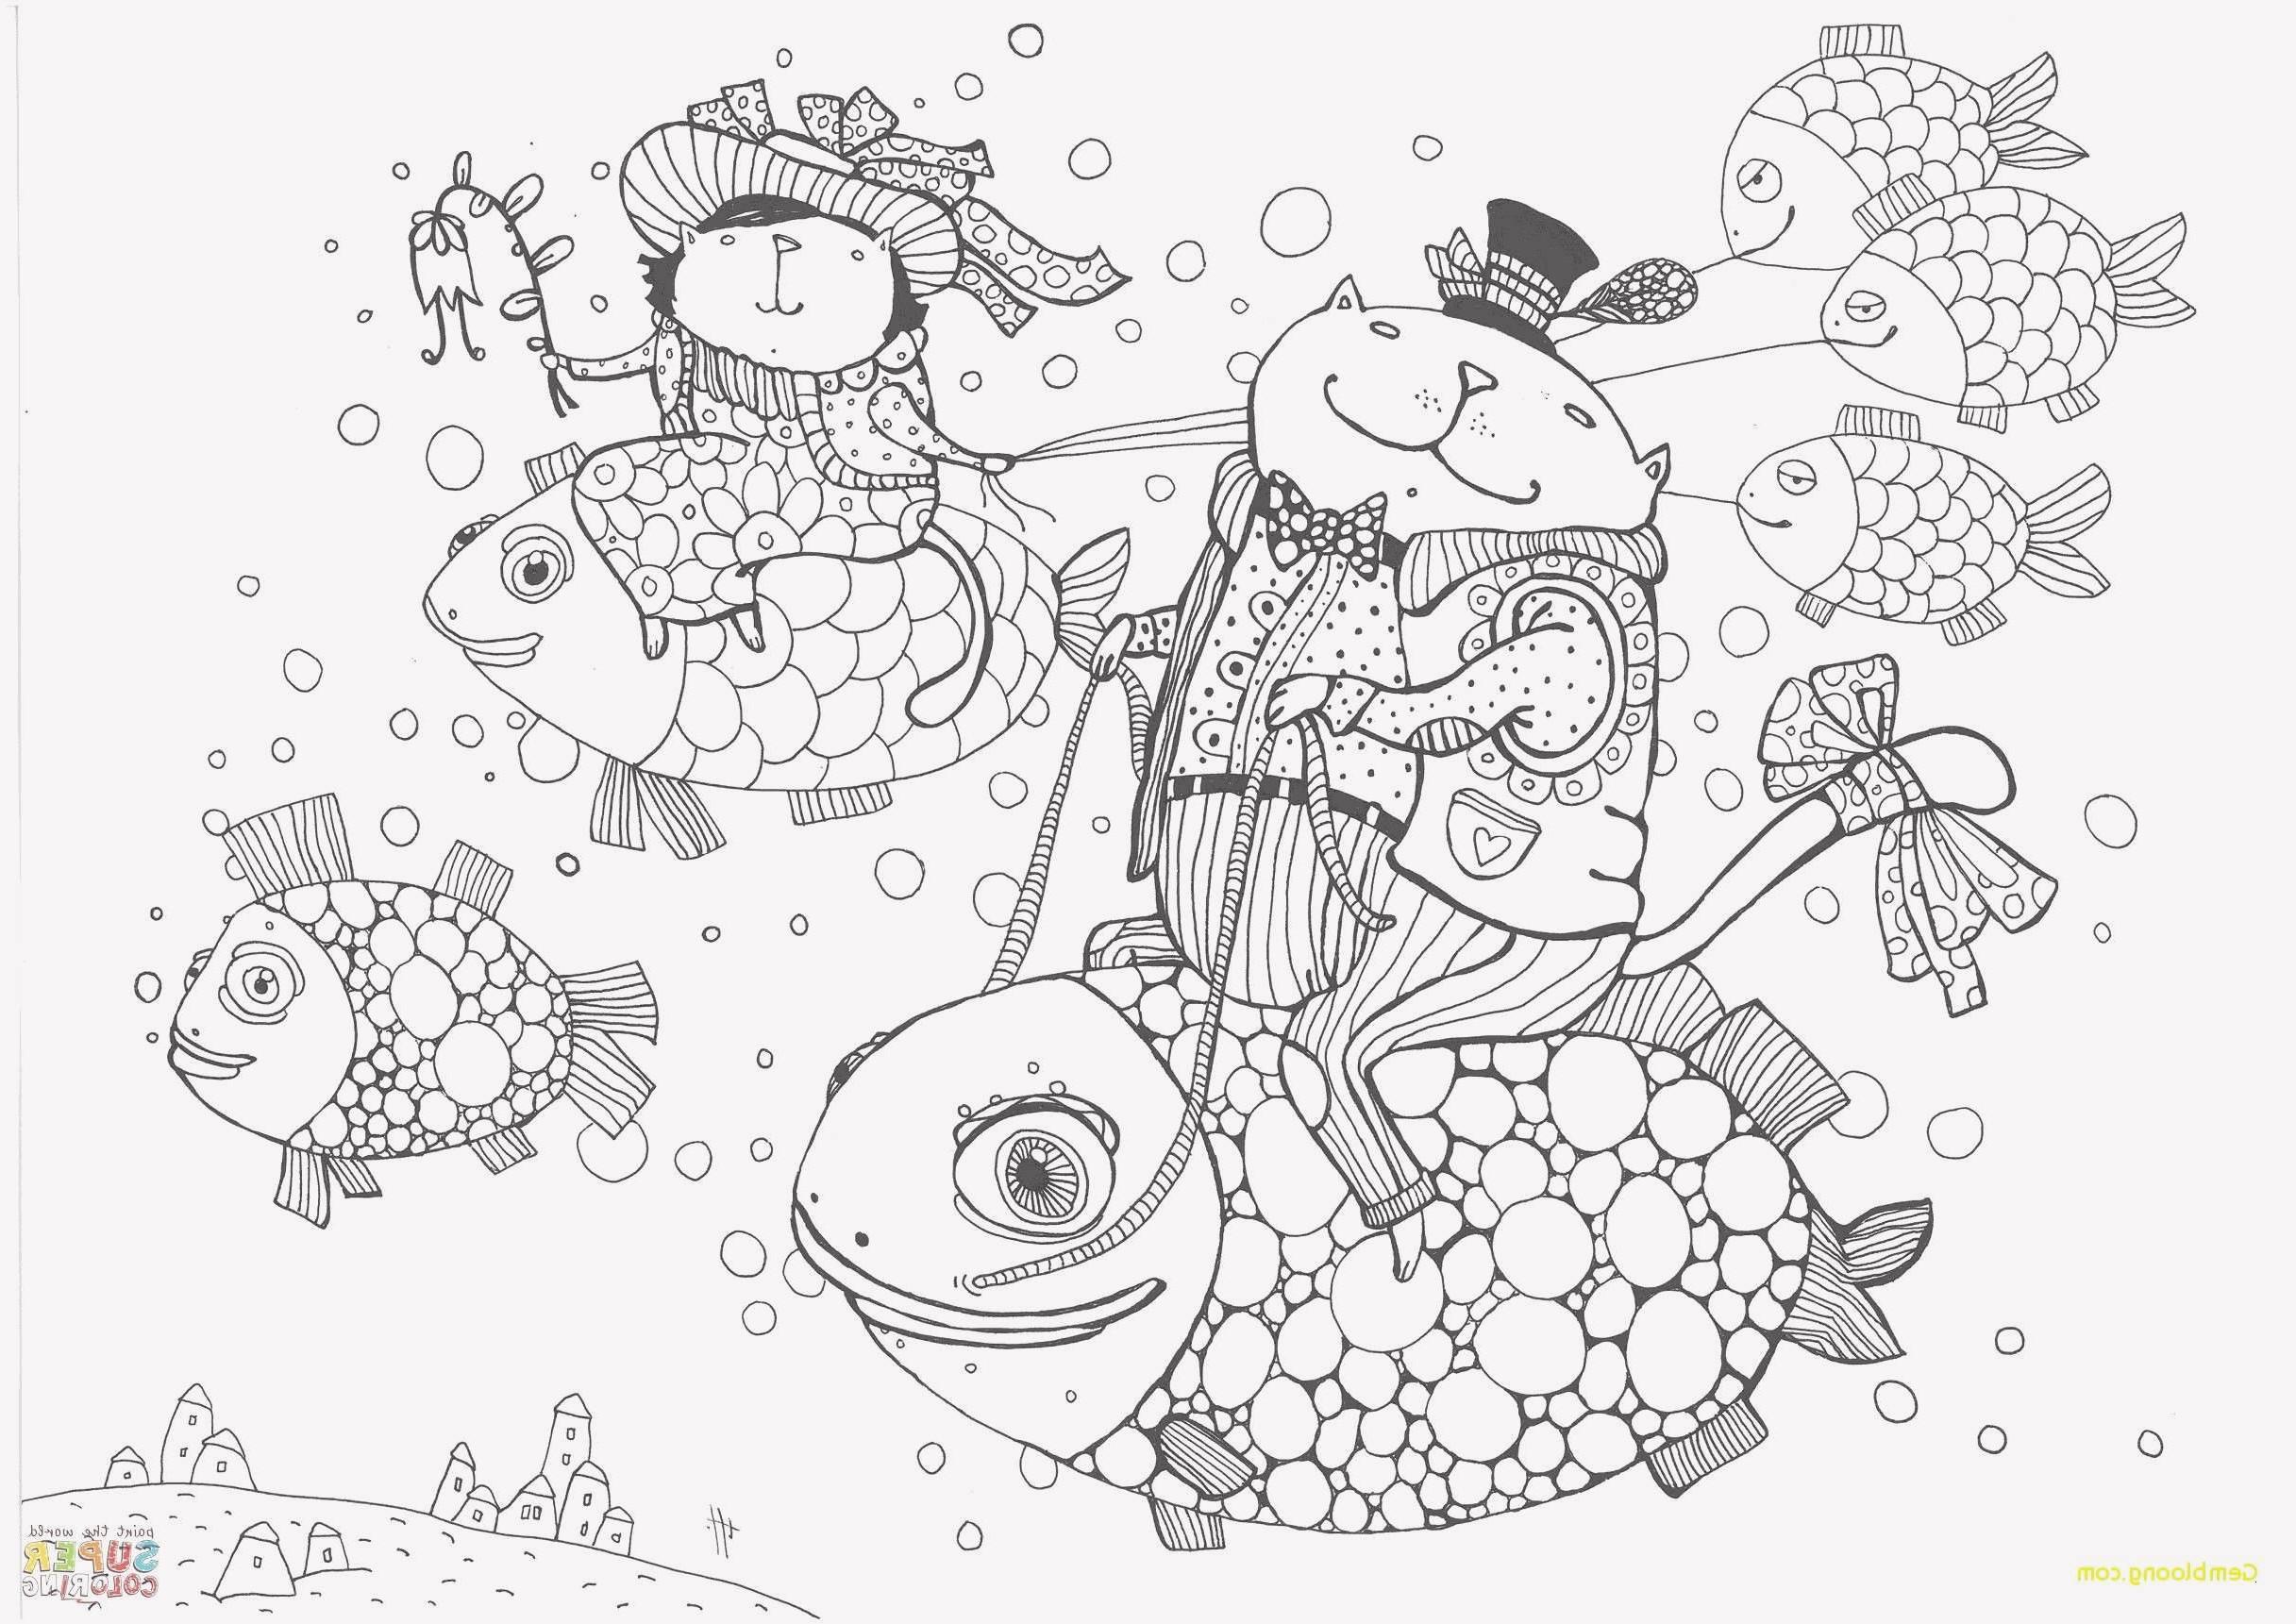 Einhorn Kopf Zum Ausmalen Das Beste Von 31 Frisch Einhorn Ausmalbilder – Malvorlagen Ideen Galerie